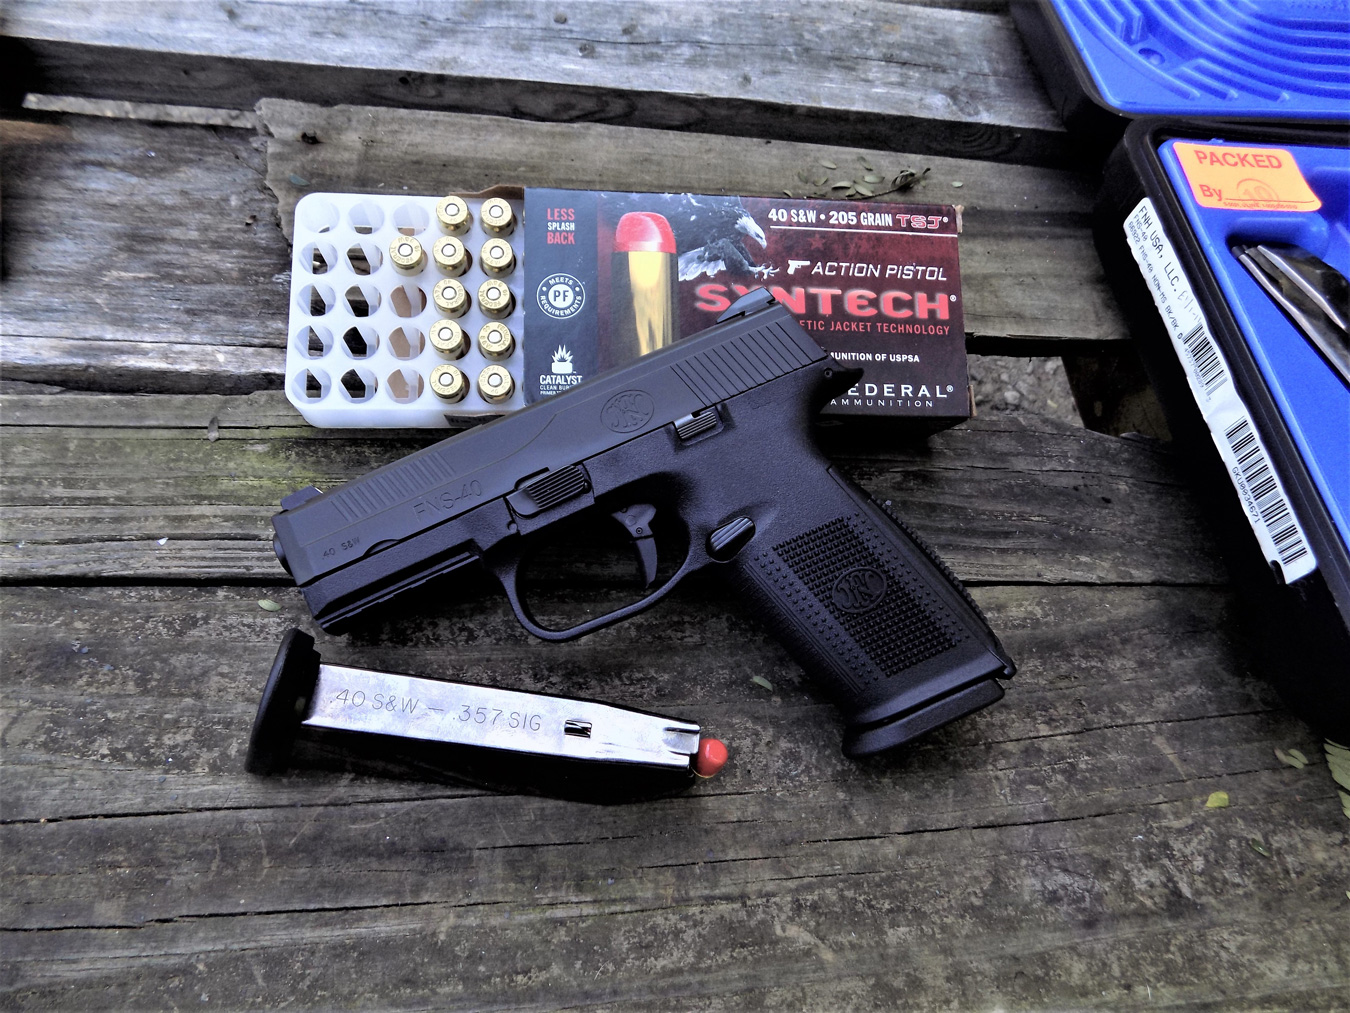 FNS 40 pistol atop a Syntech ammunition box